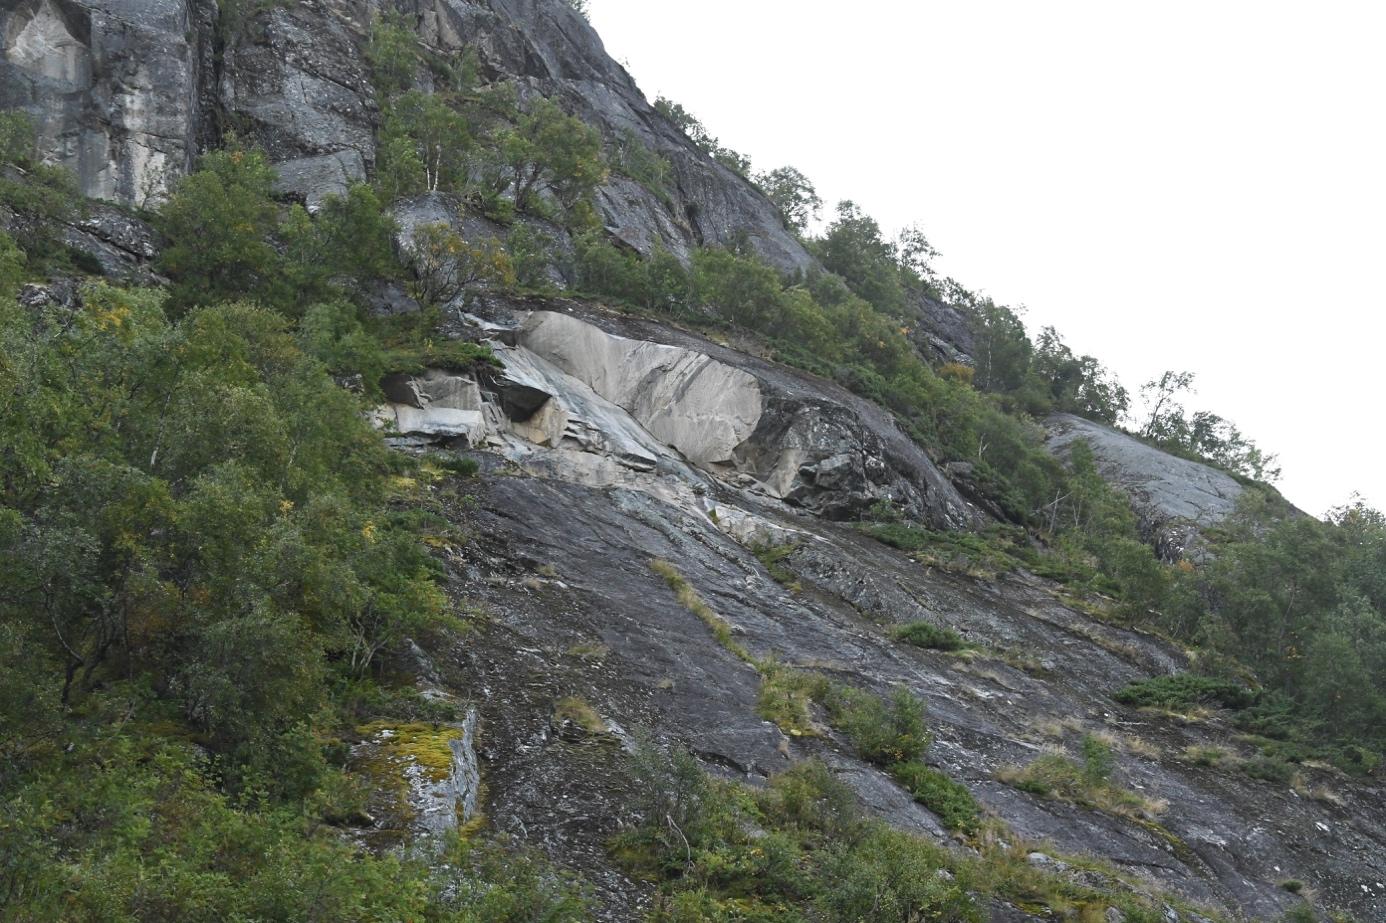 Et bilde som inneholder utendørs, fjell, natur, steinete  Automatisk generert beskrivelse